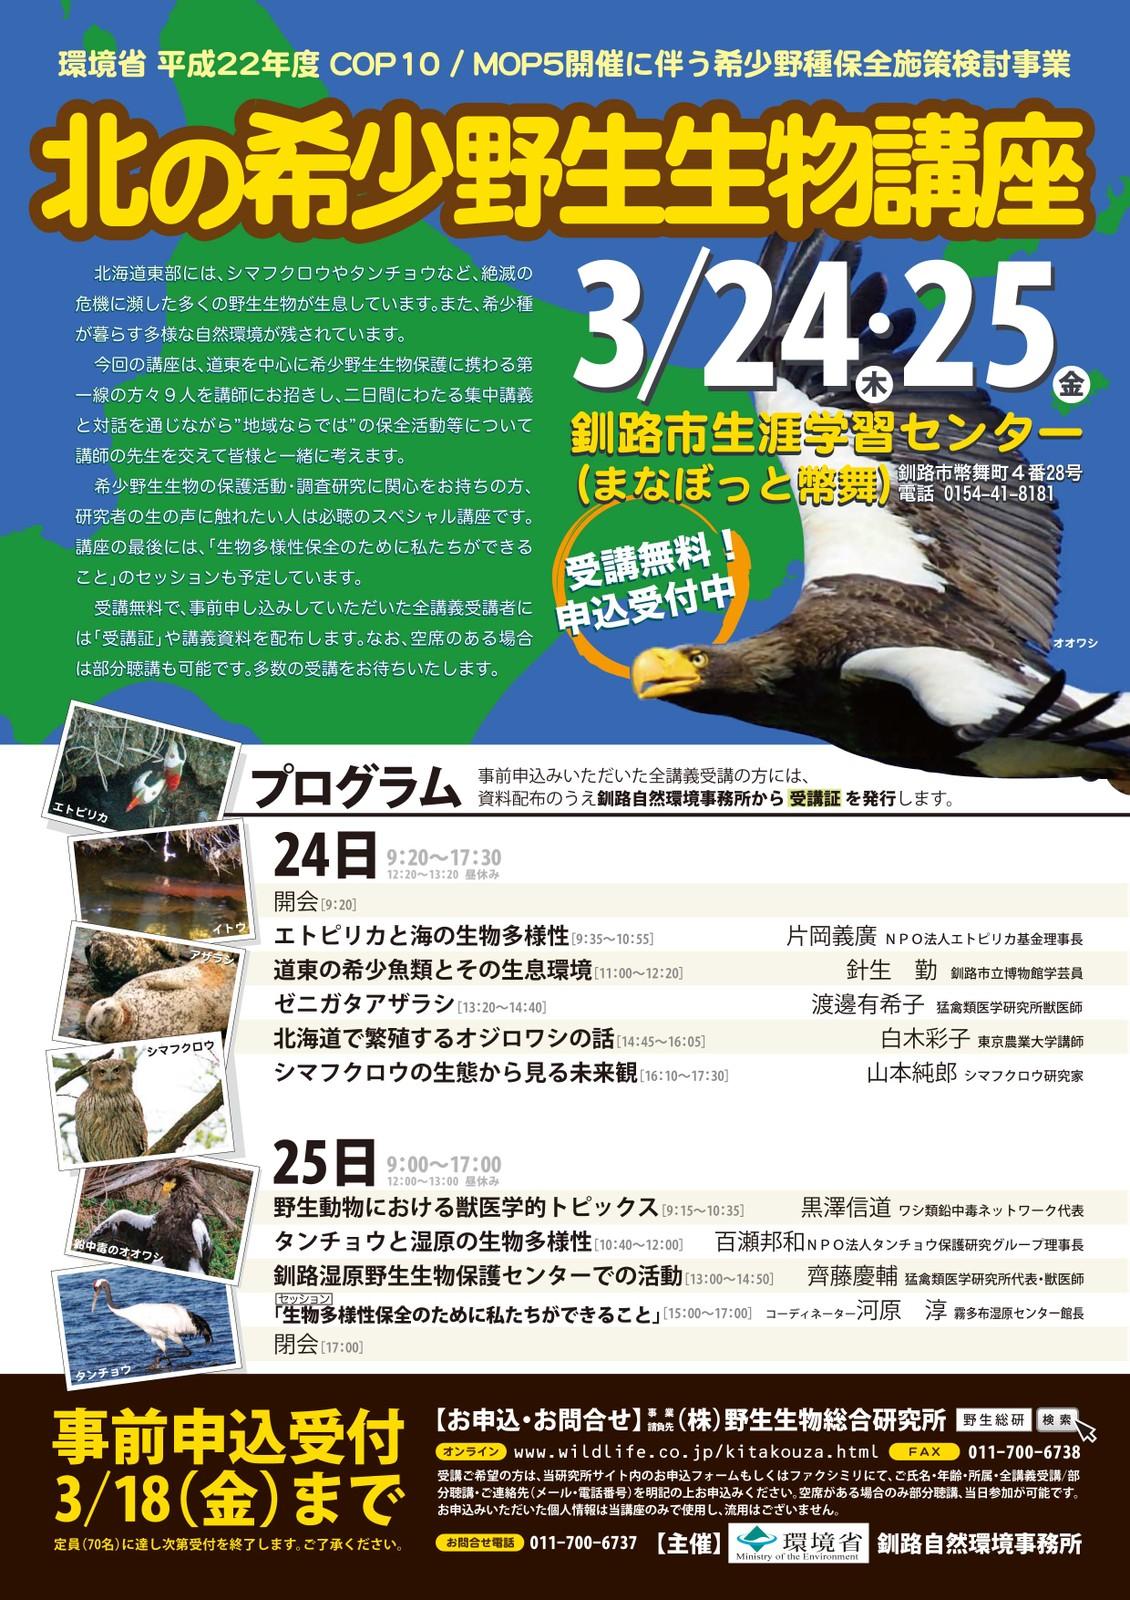 Kita_yasei_kouza1